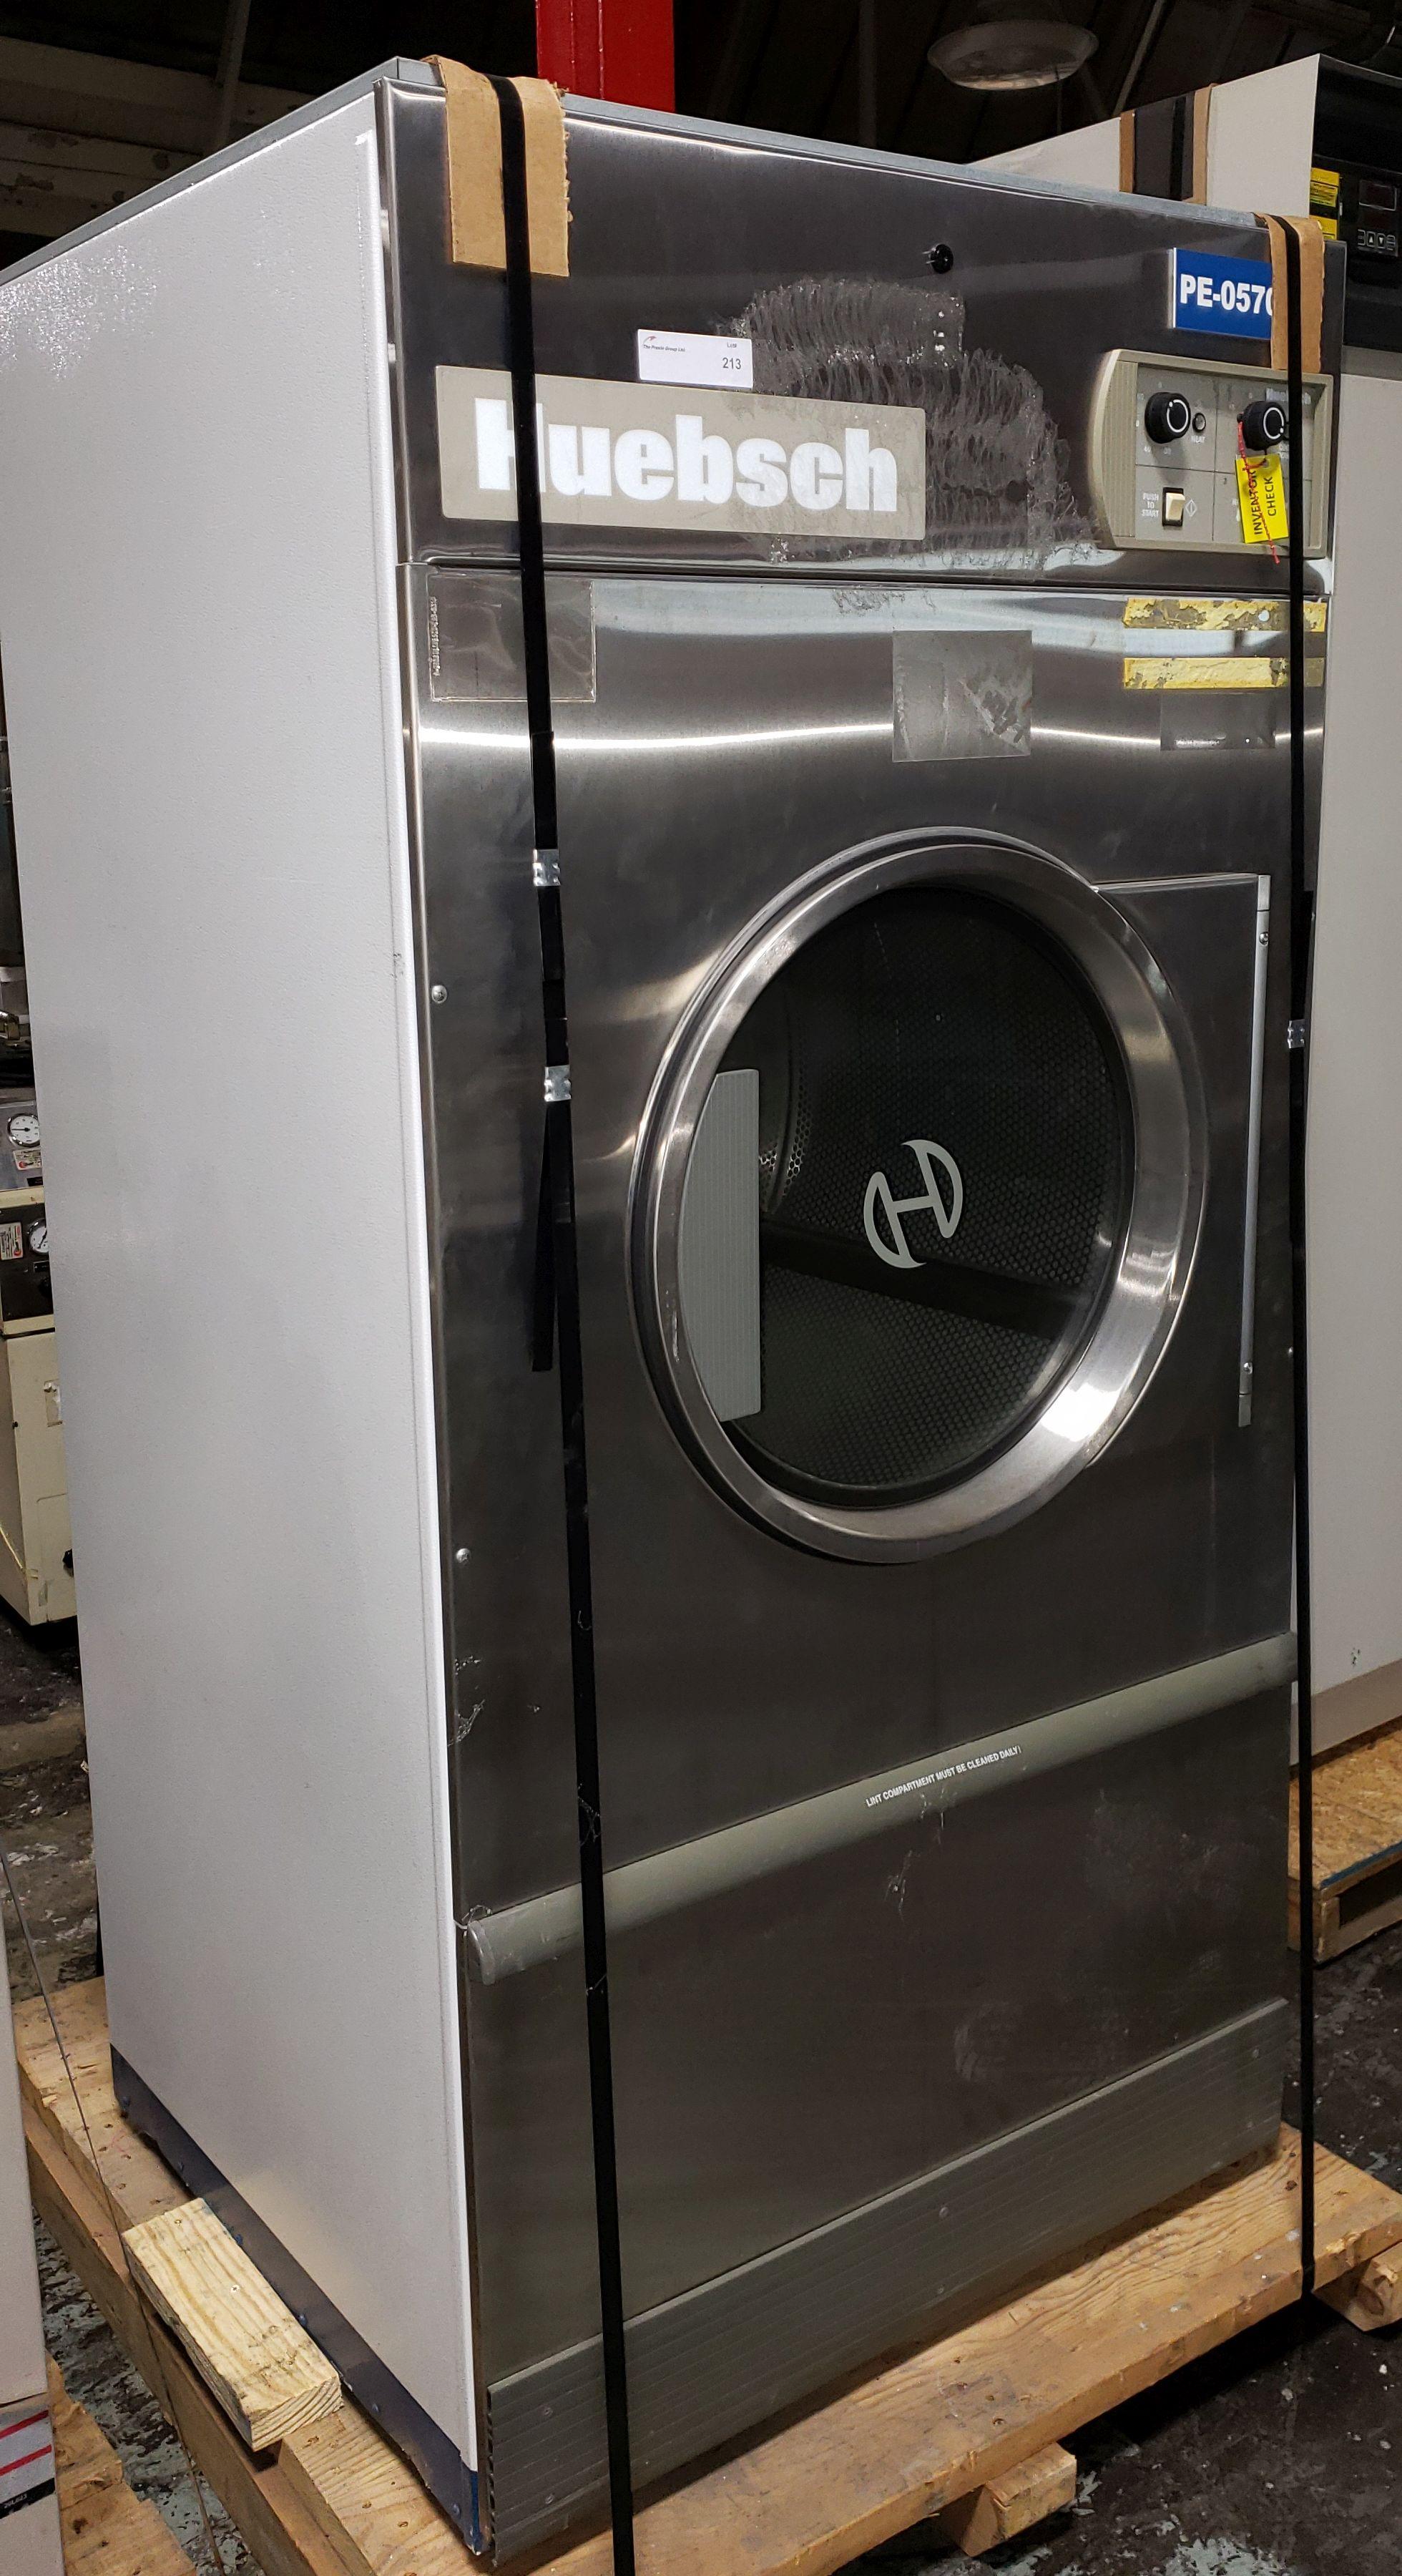 Lot 11 - Huebsch washing machine